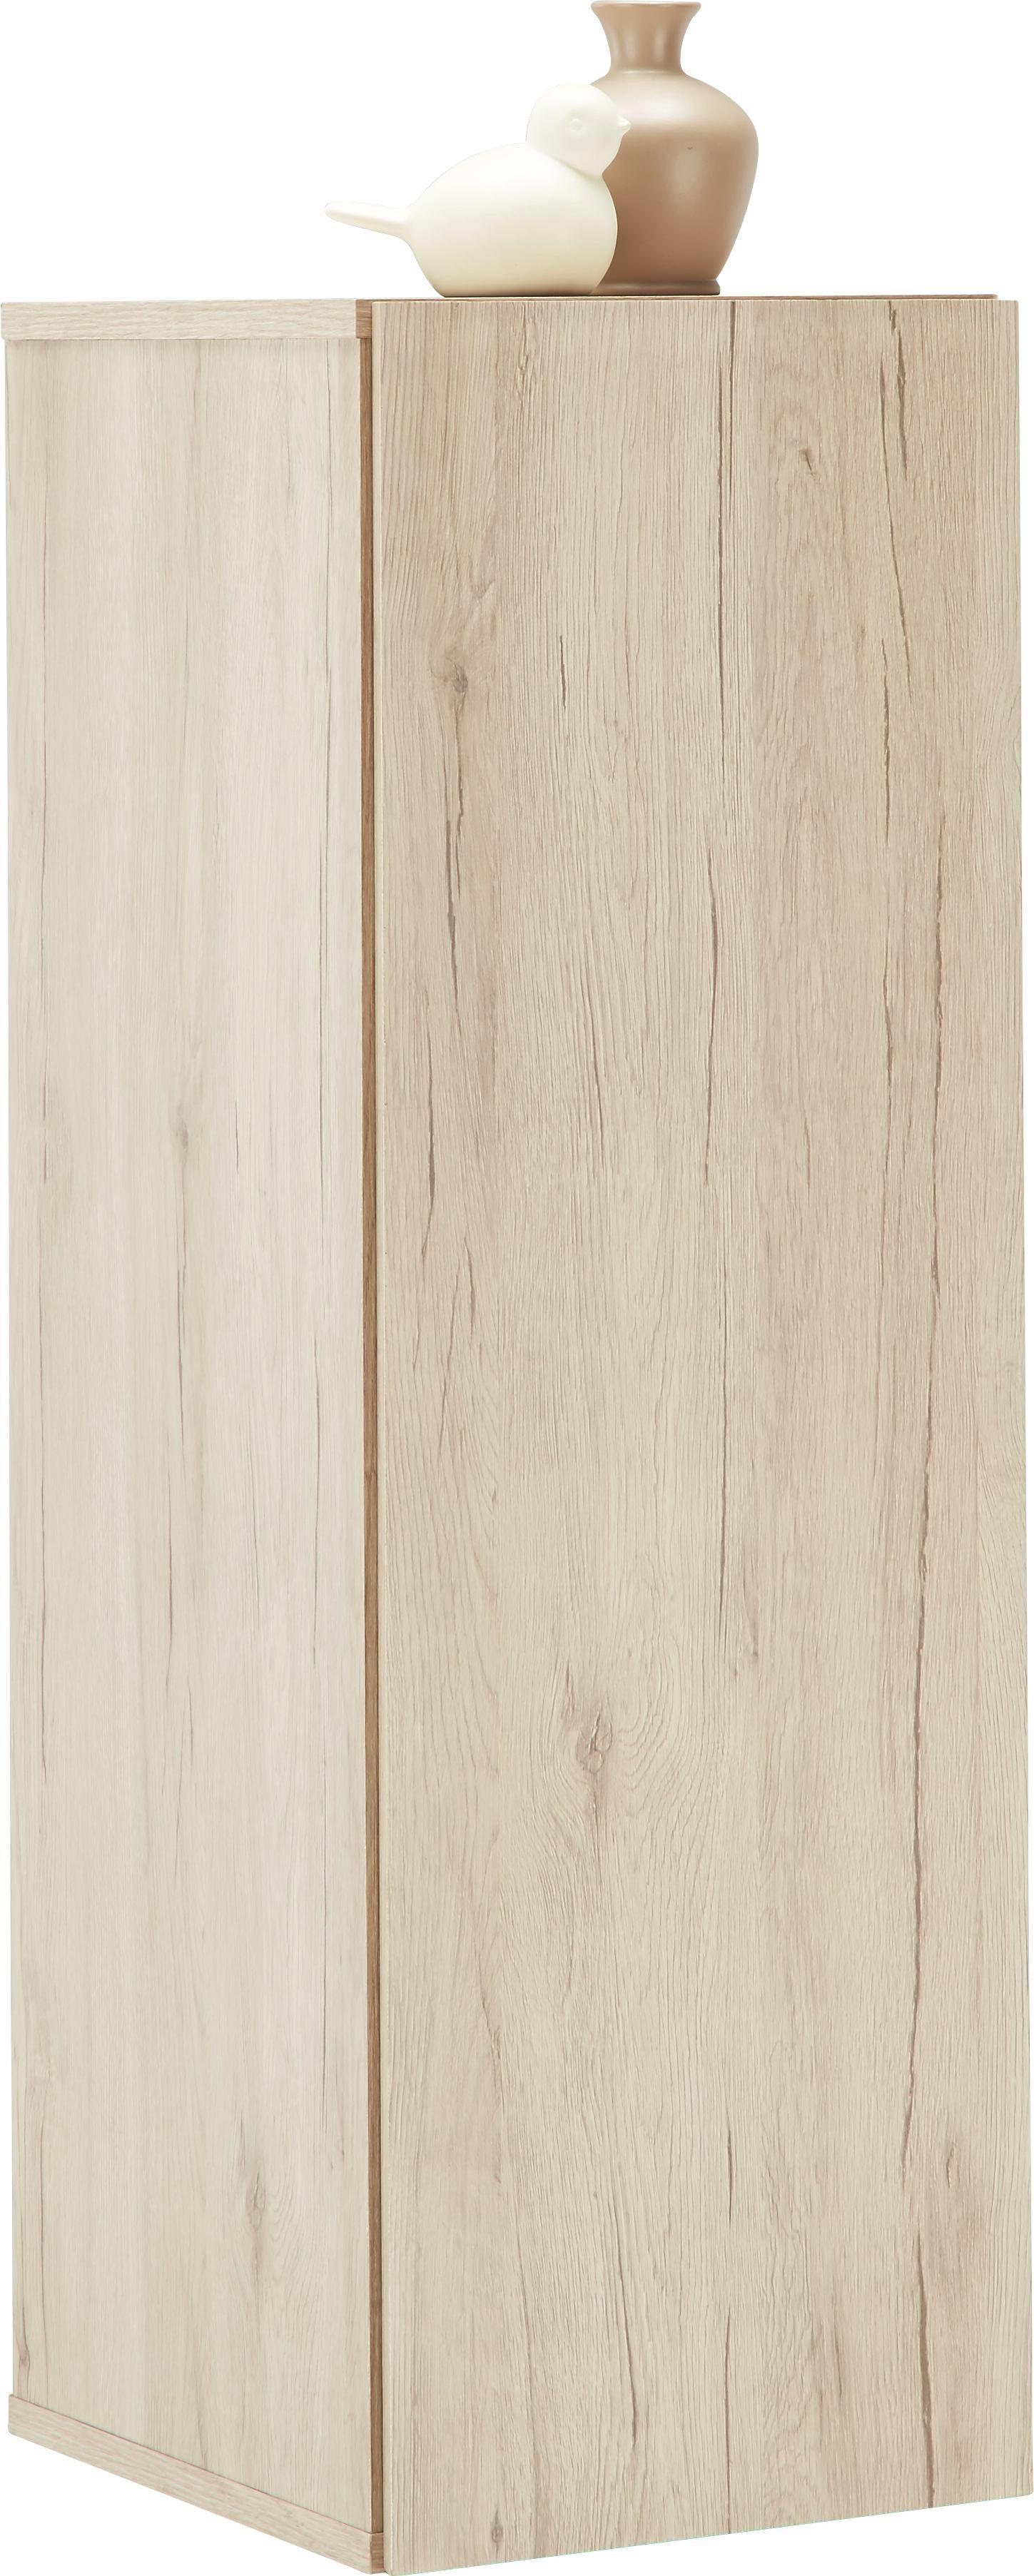 Hängeschrank San Remo In Sand - Eichefarben, MODERN, Holzwerkstoff (90/30/34cm) - MÖMAX modern living